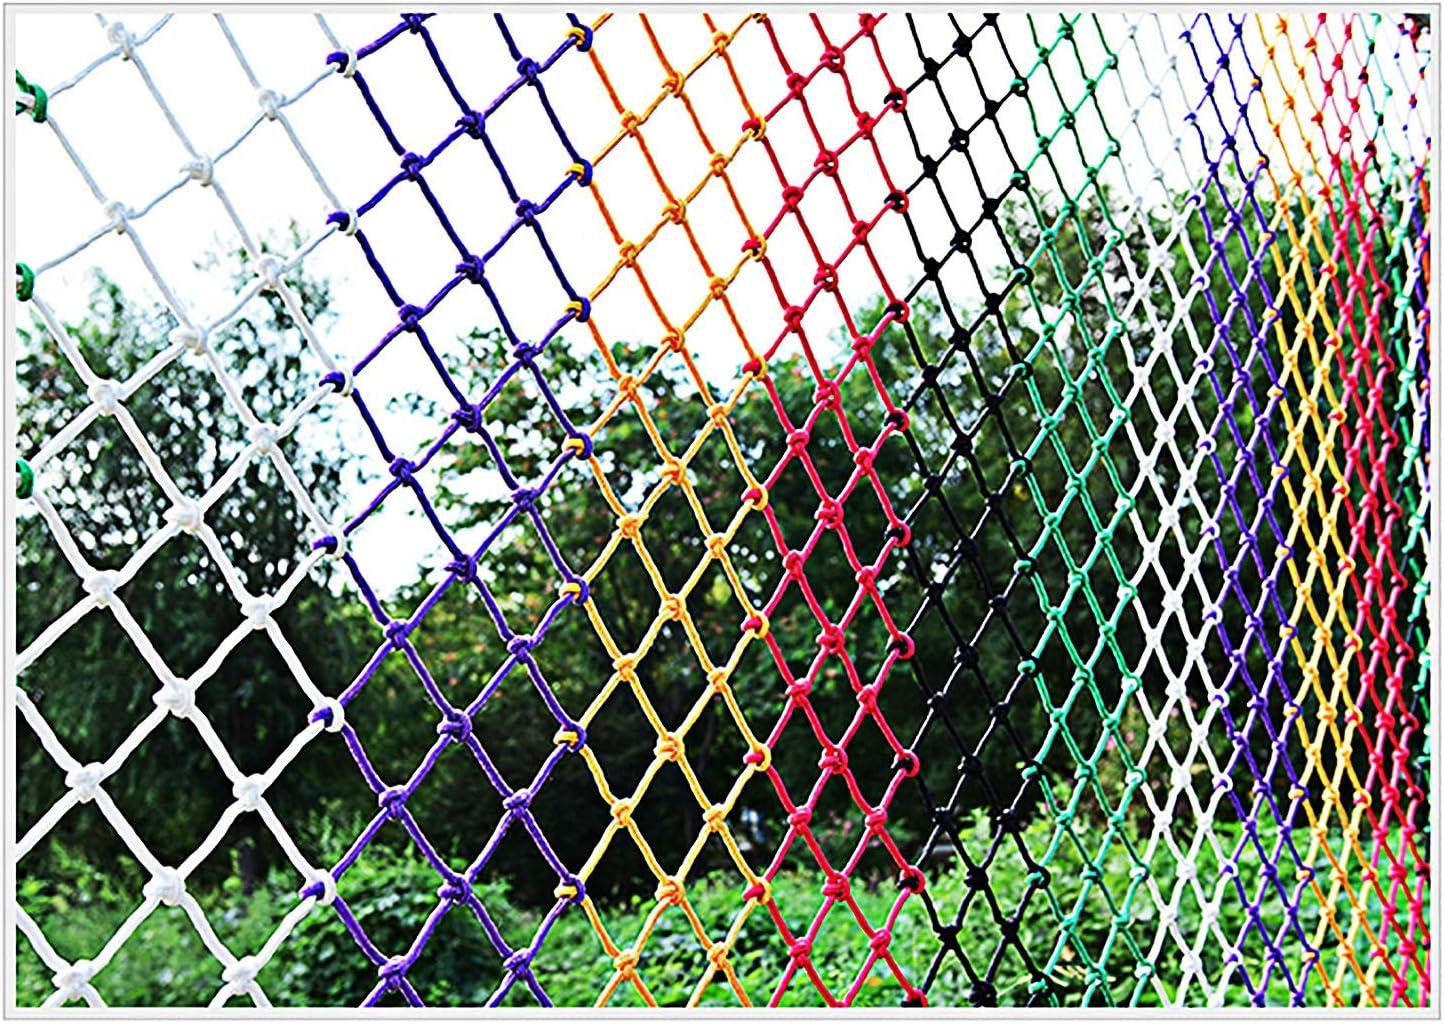 Red De Cuerda De Seguridad, Red De Escalada Protectora Para Decoración Del Hogar, Se Utiliza Para Proteger A Los Niños, Equipo Protector De Entretenimiento Para Escalar, Material De Cuerda(Size:1x7m)